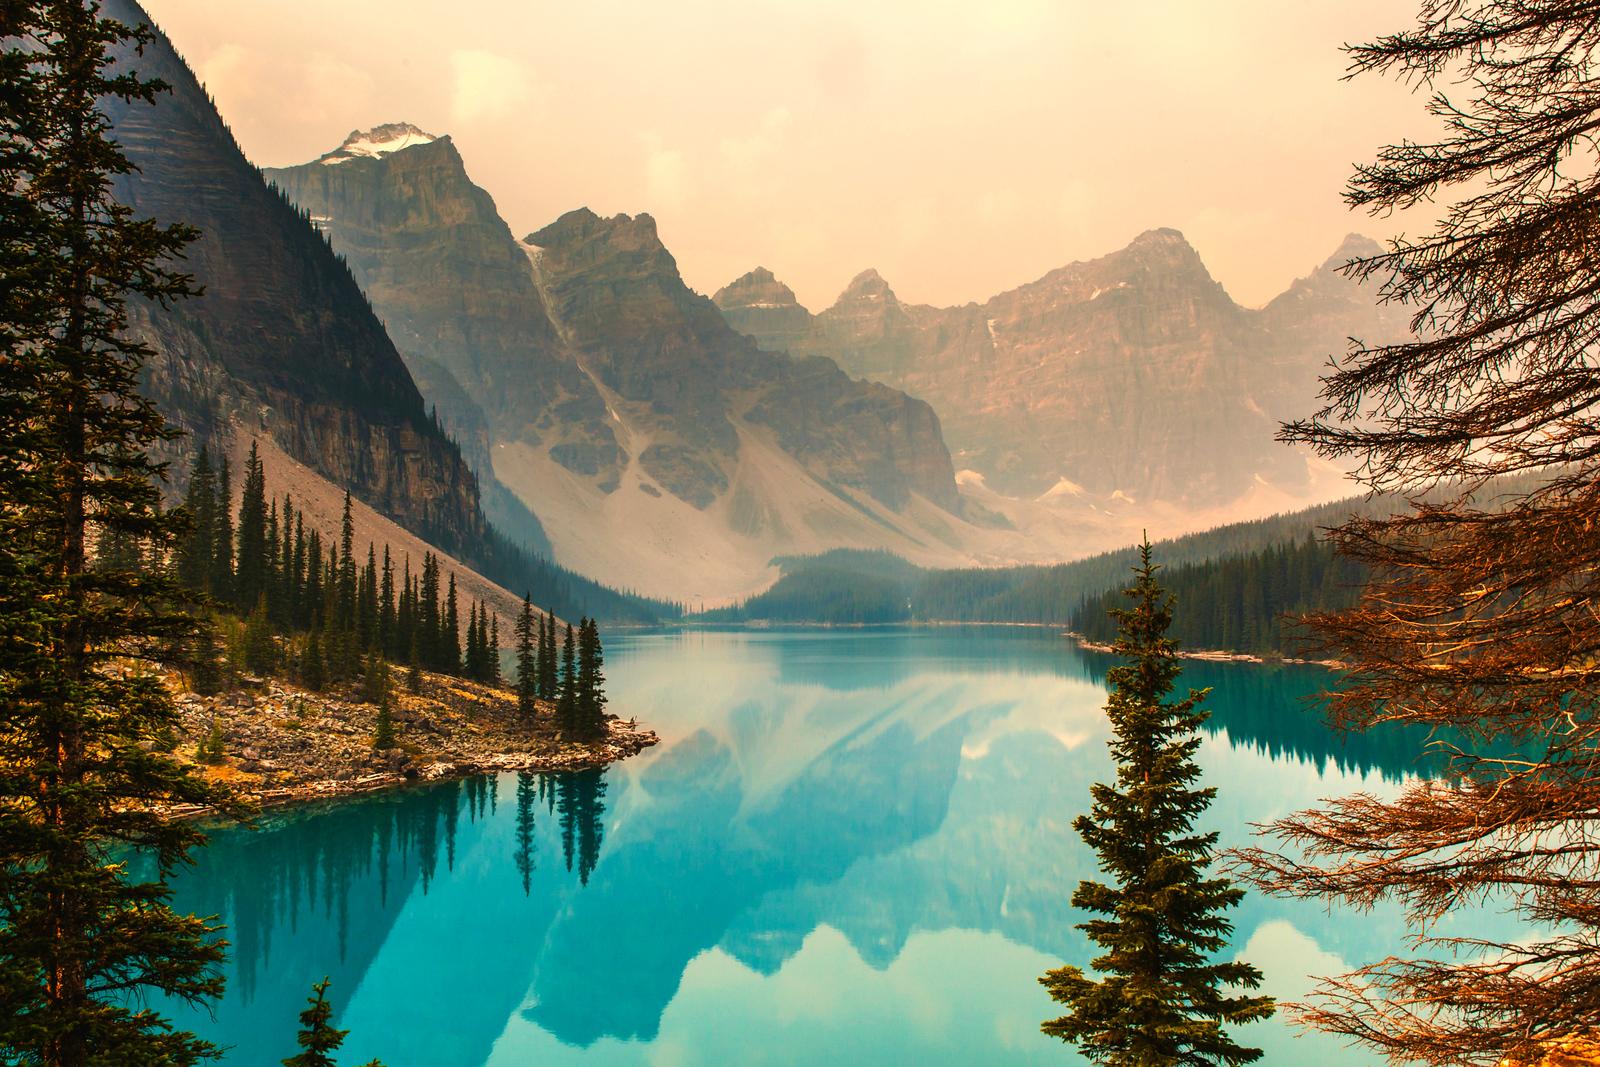 加拿大梦莲湖,美的令人窒息